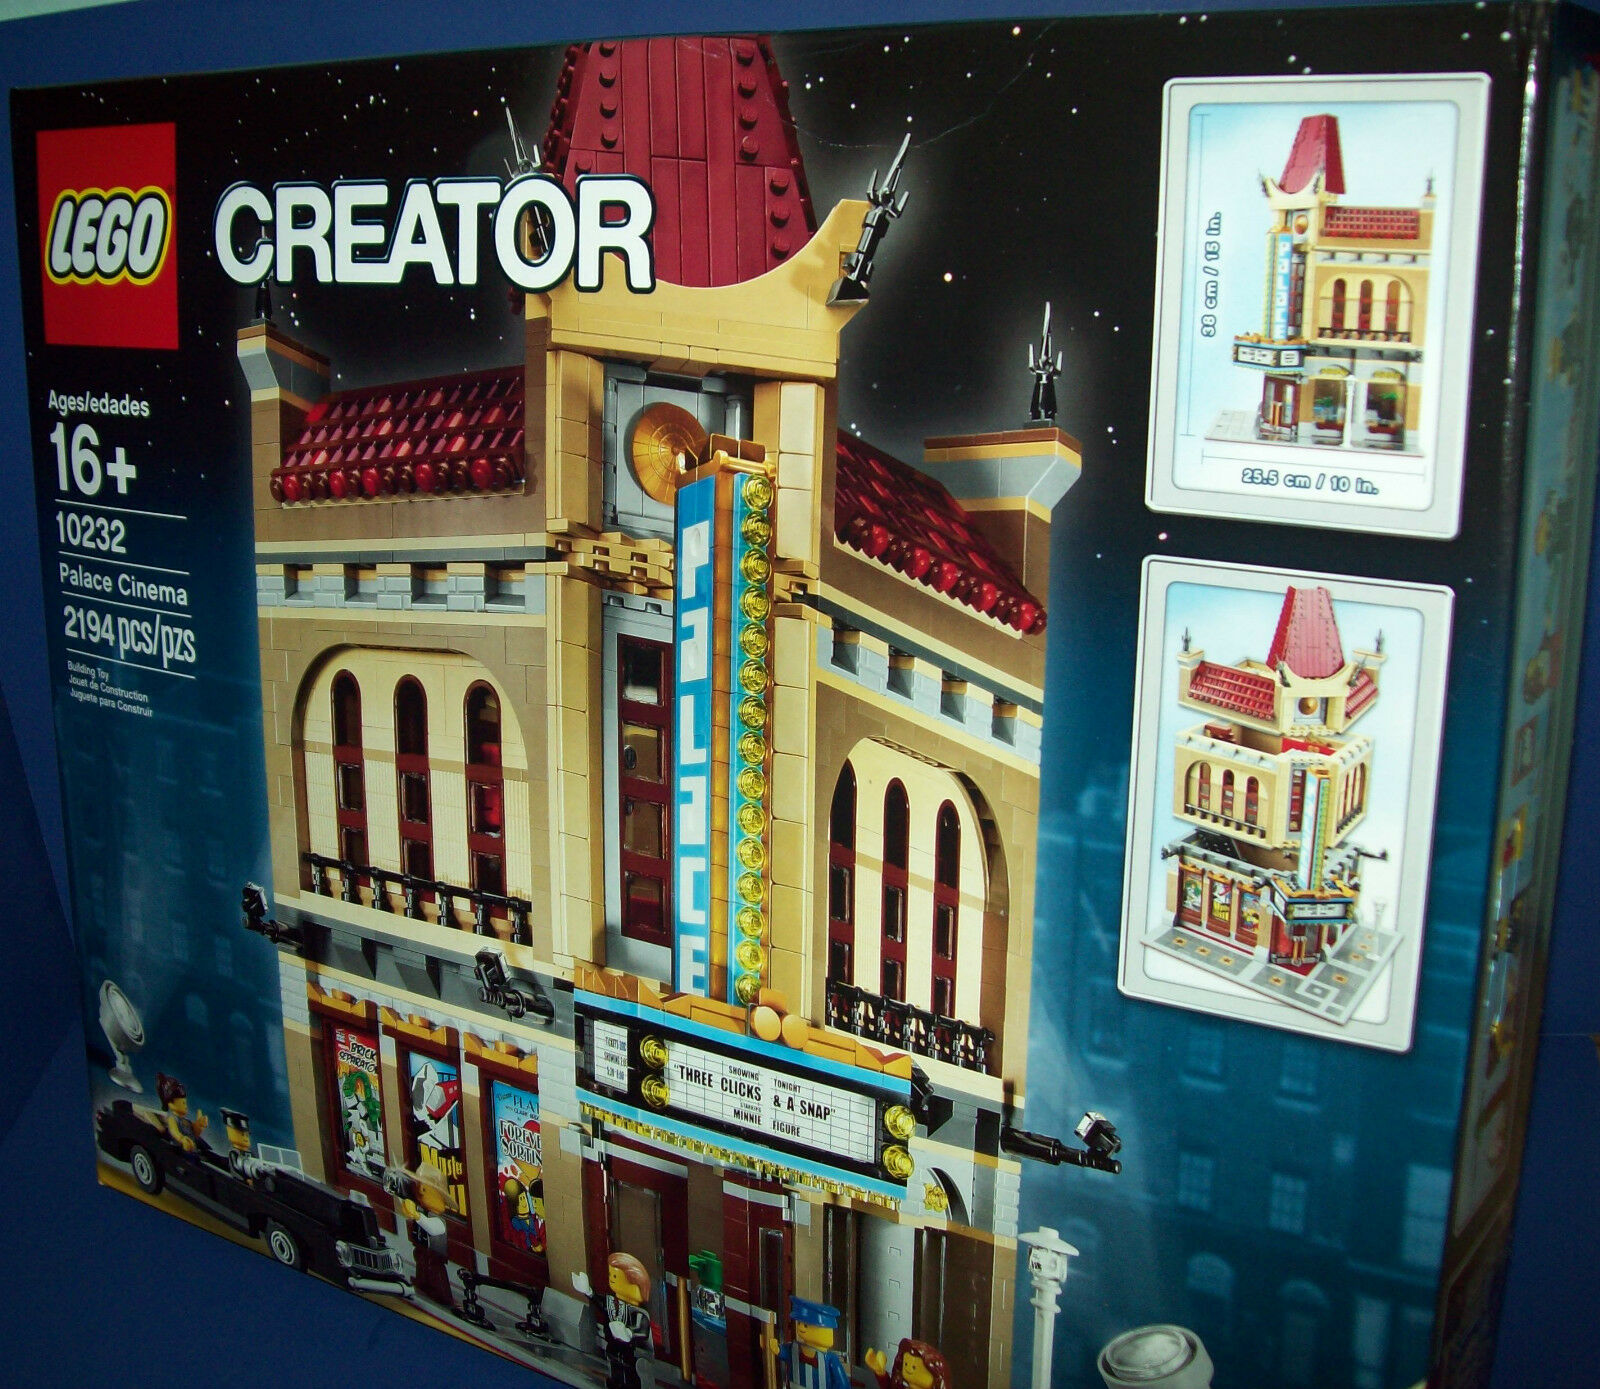 LEGO Creator 10232 PALACE CINEMA new and sealed expert NIB